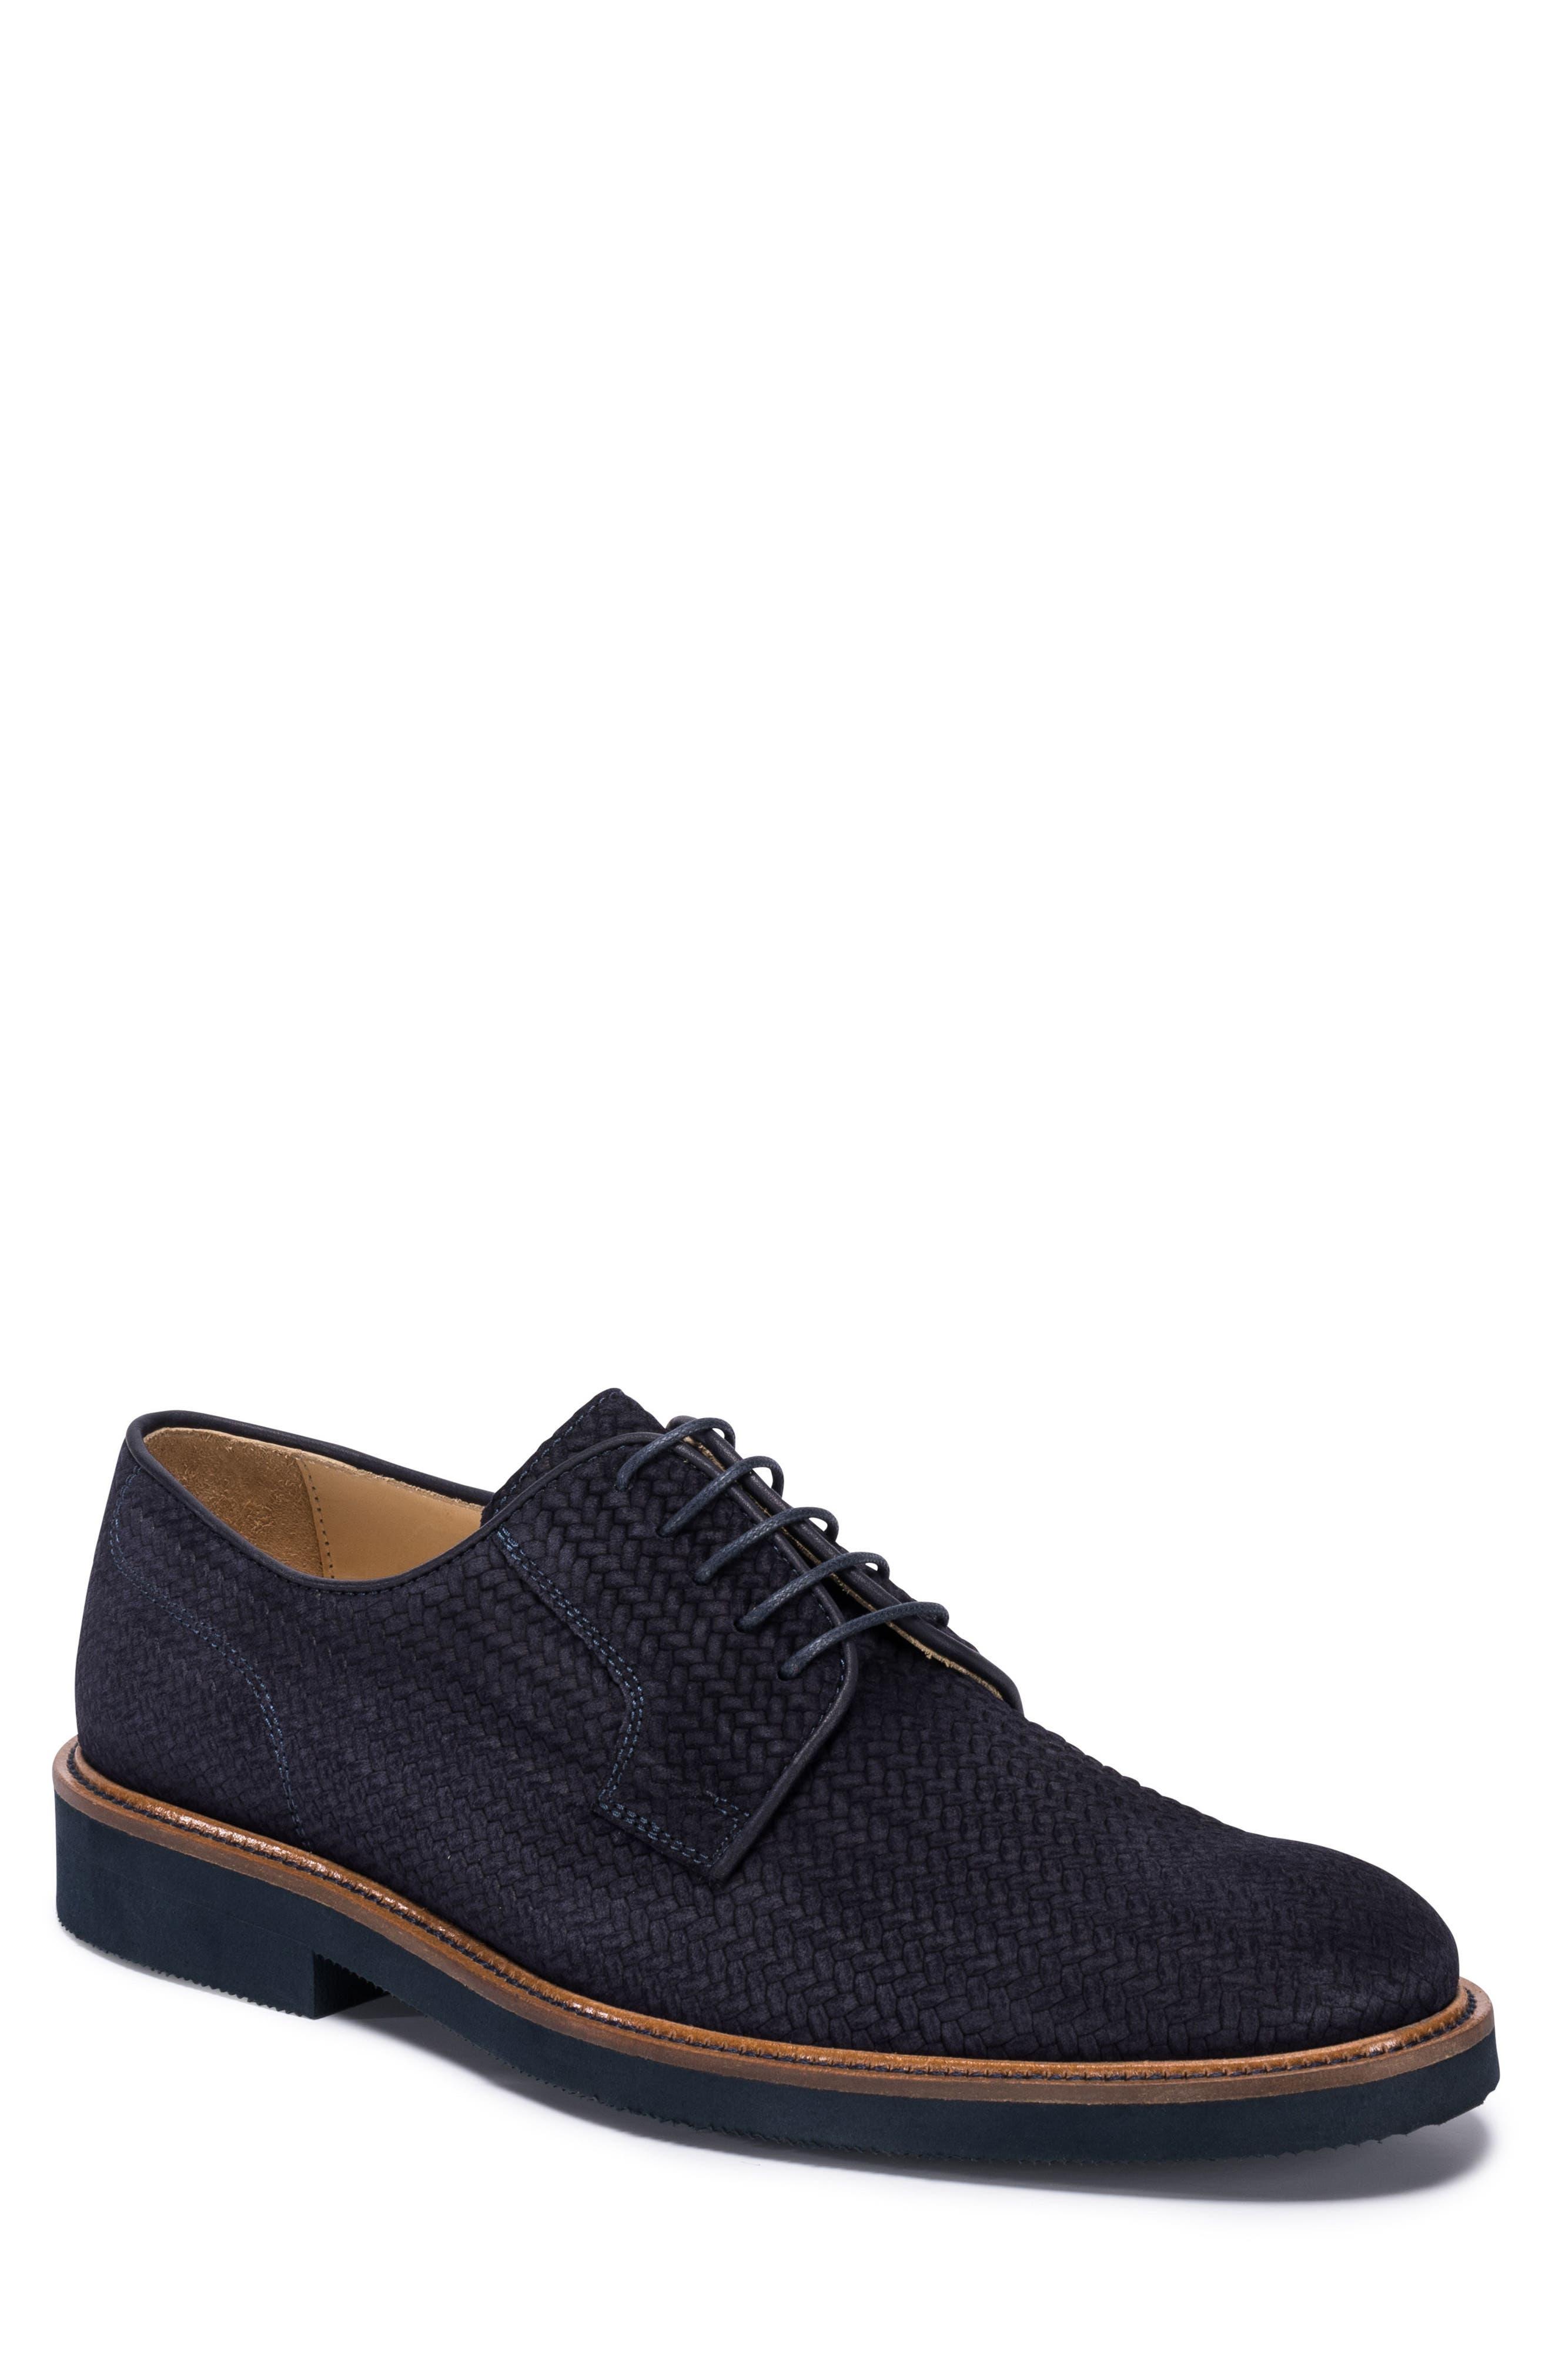 Woven Plain Toe Derby,                             Main thumbnail 1, color,                             BLUE SUEDE